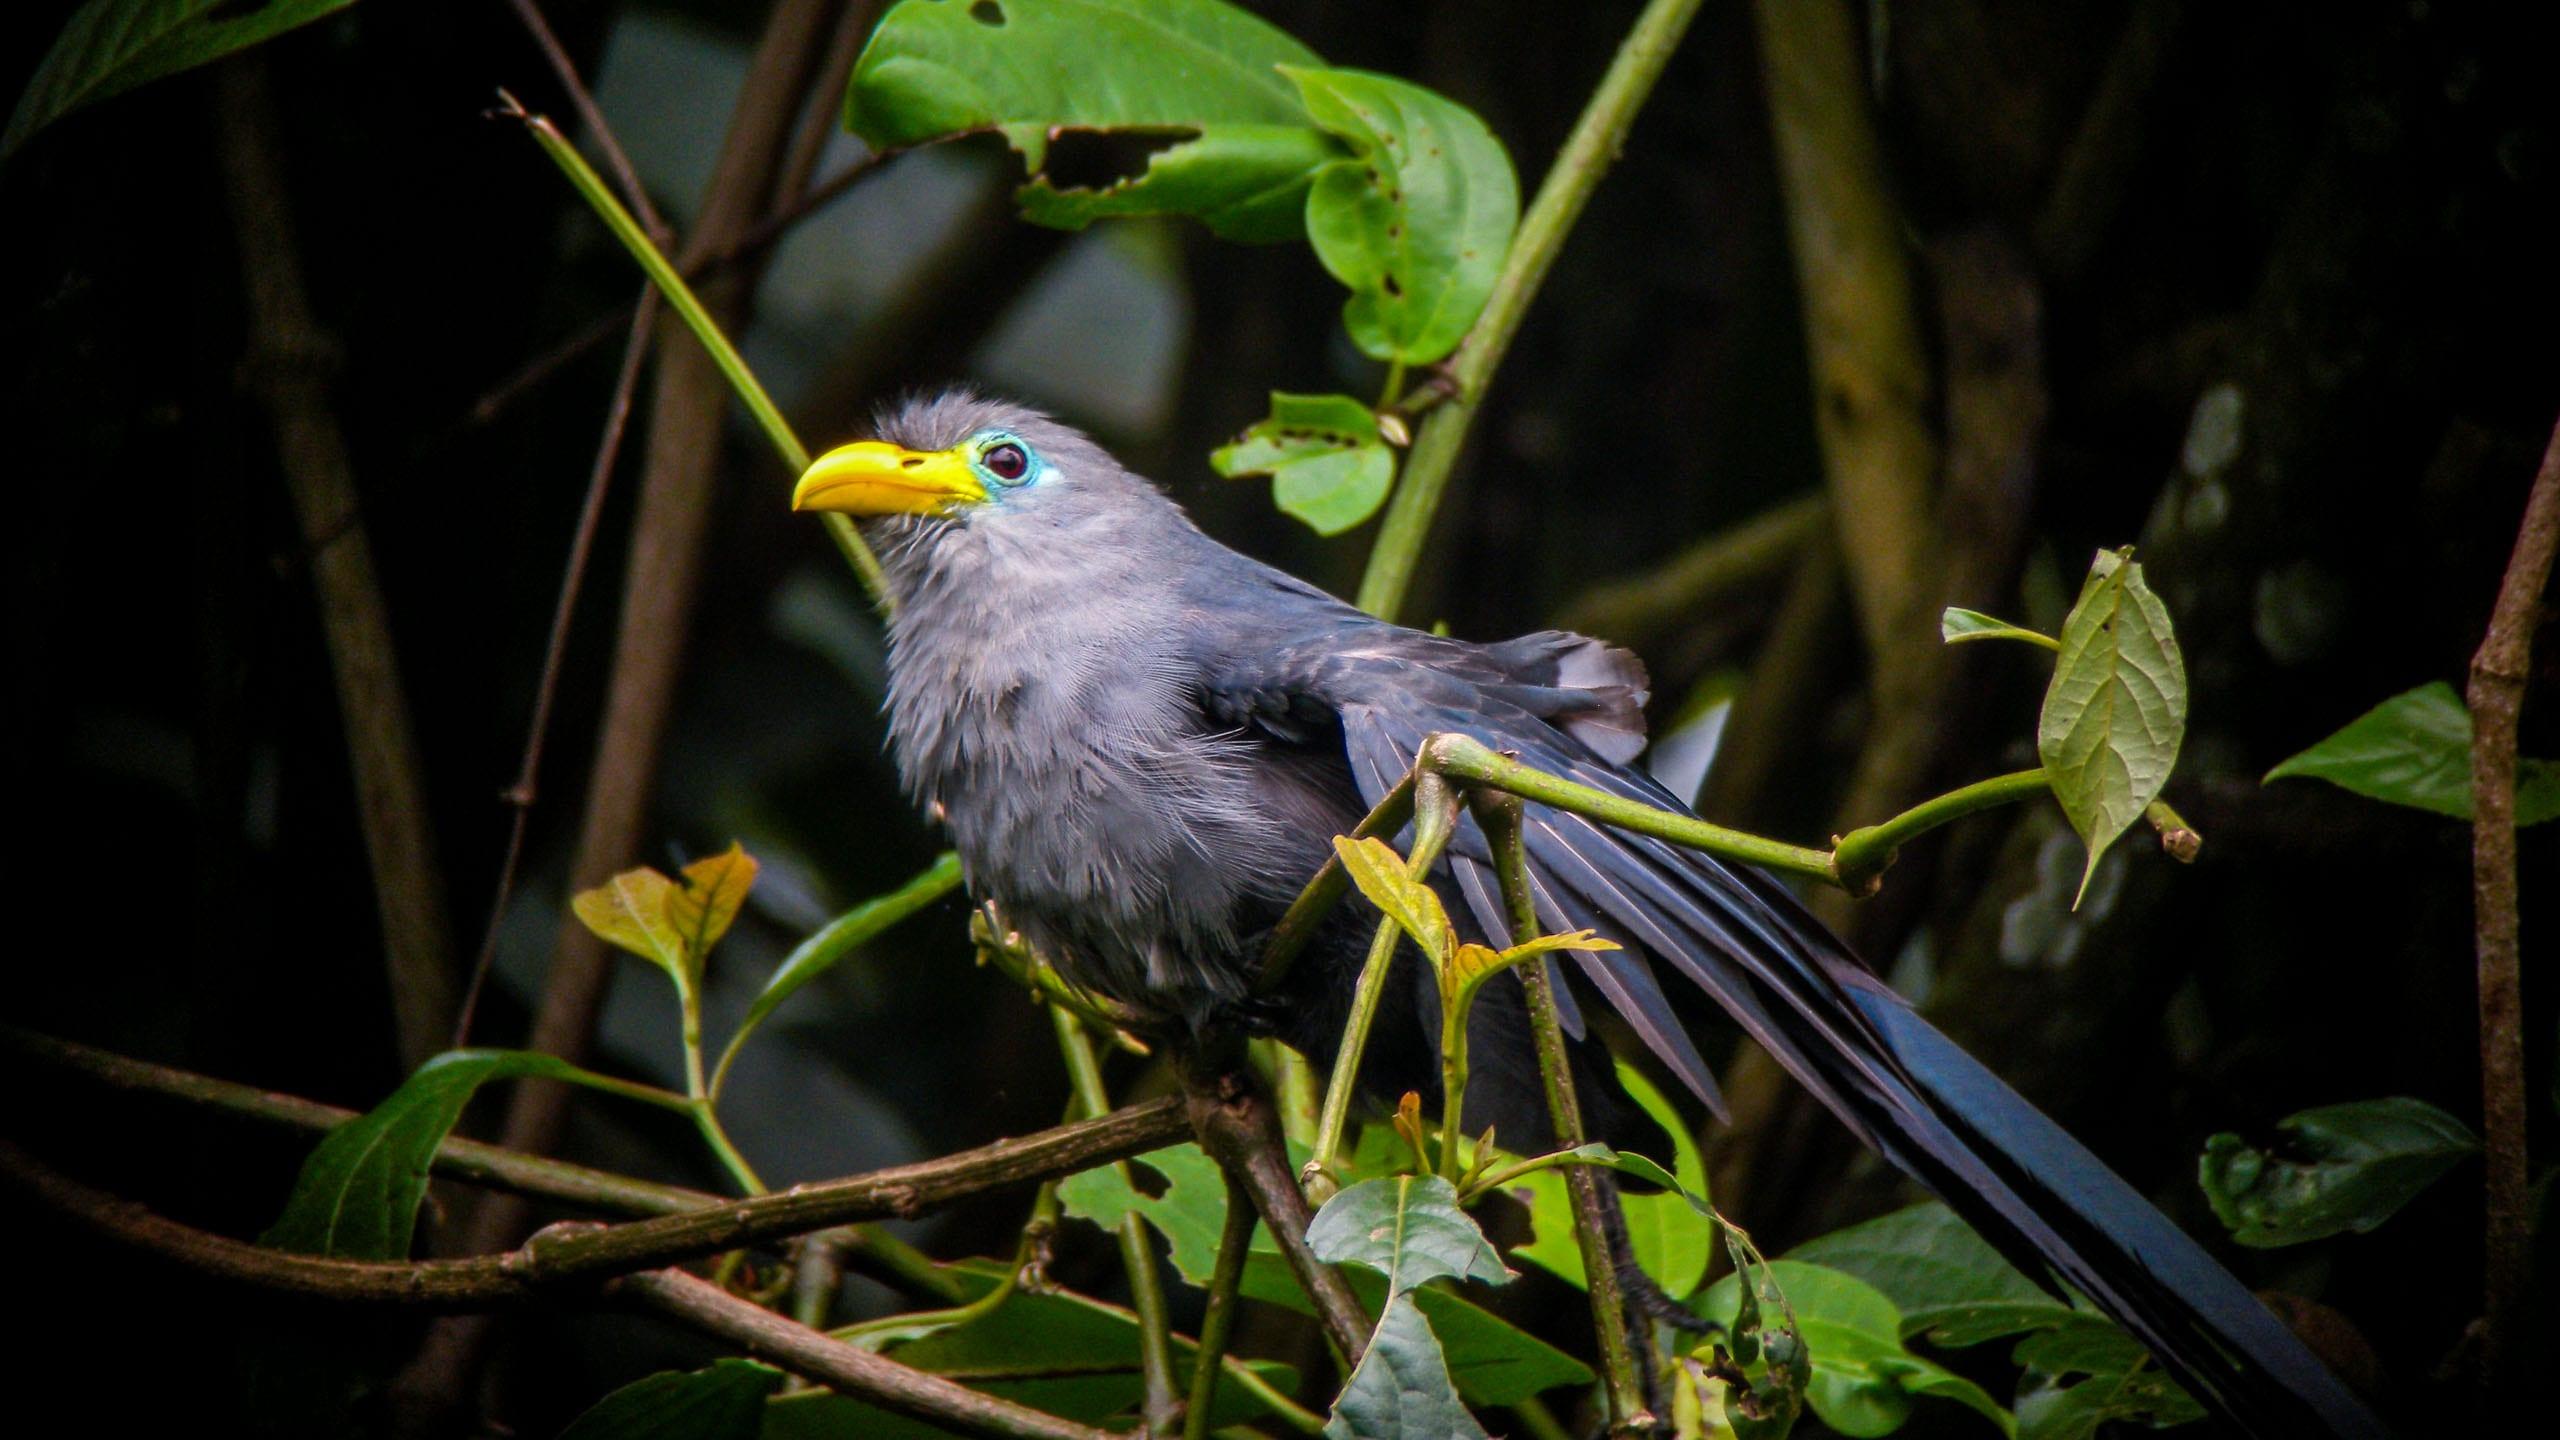 Gray bird sits in tree in Uganda